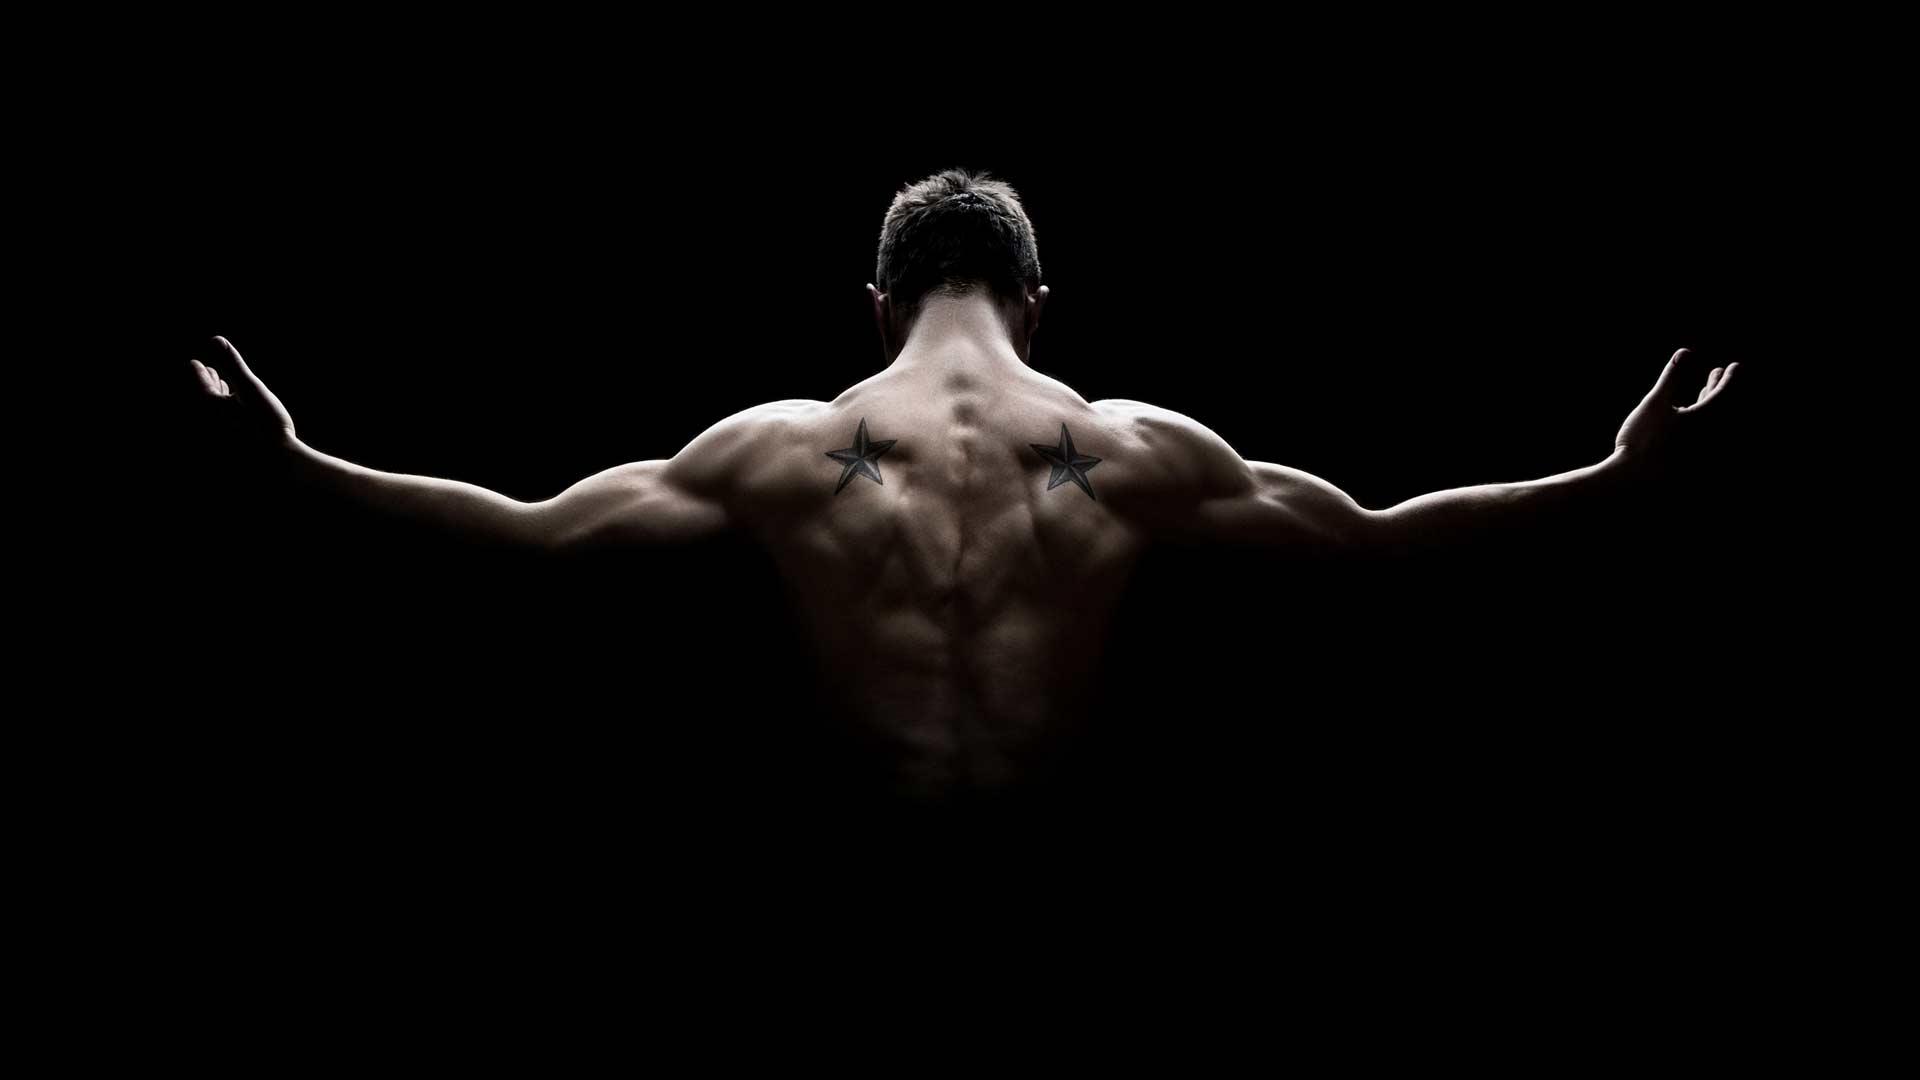 meer spiermassa